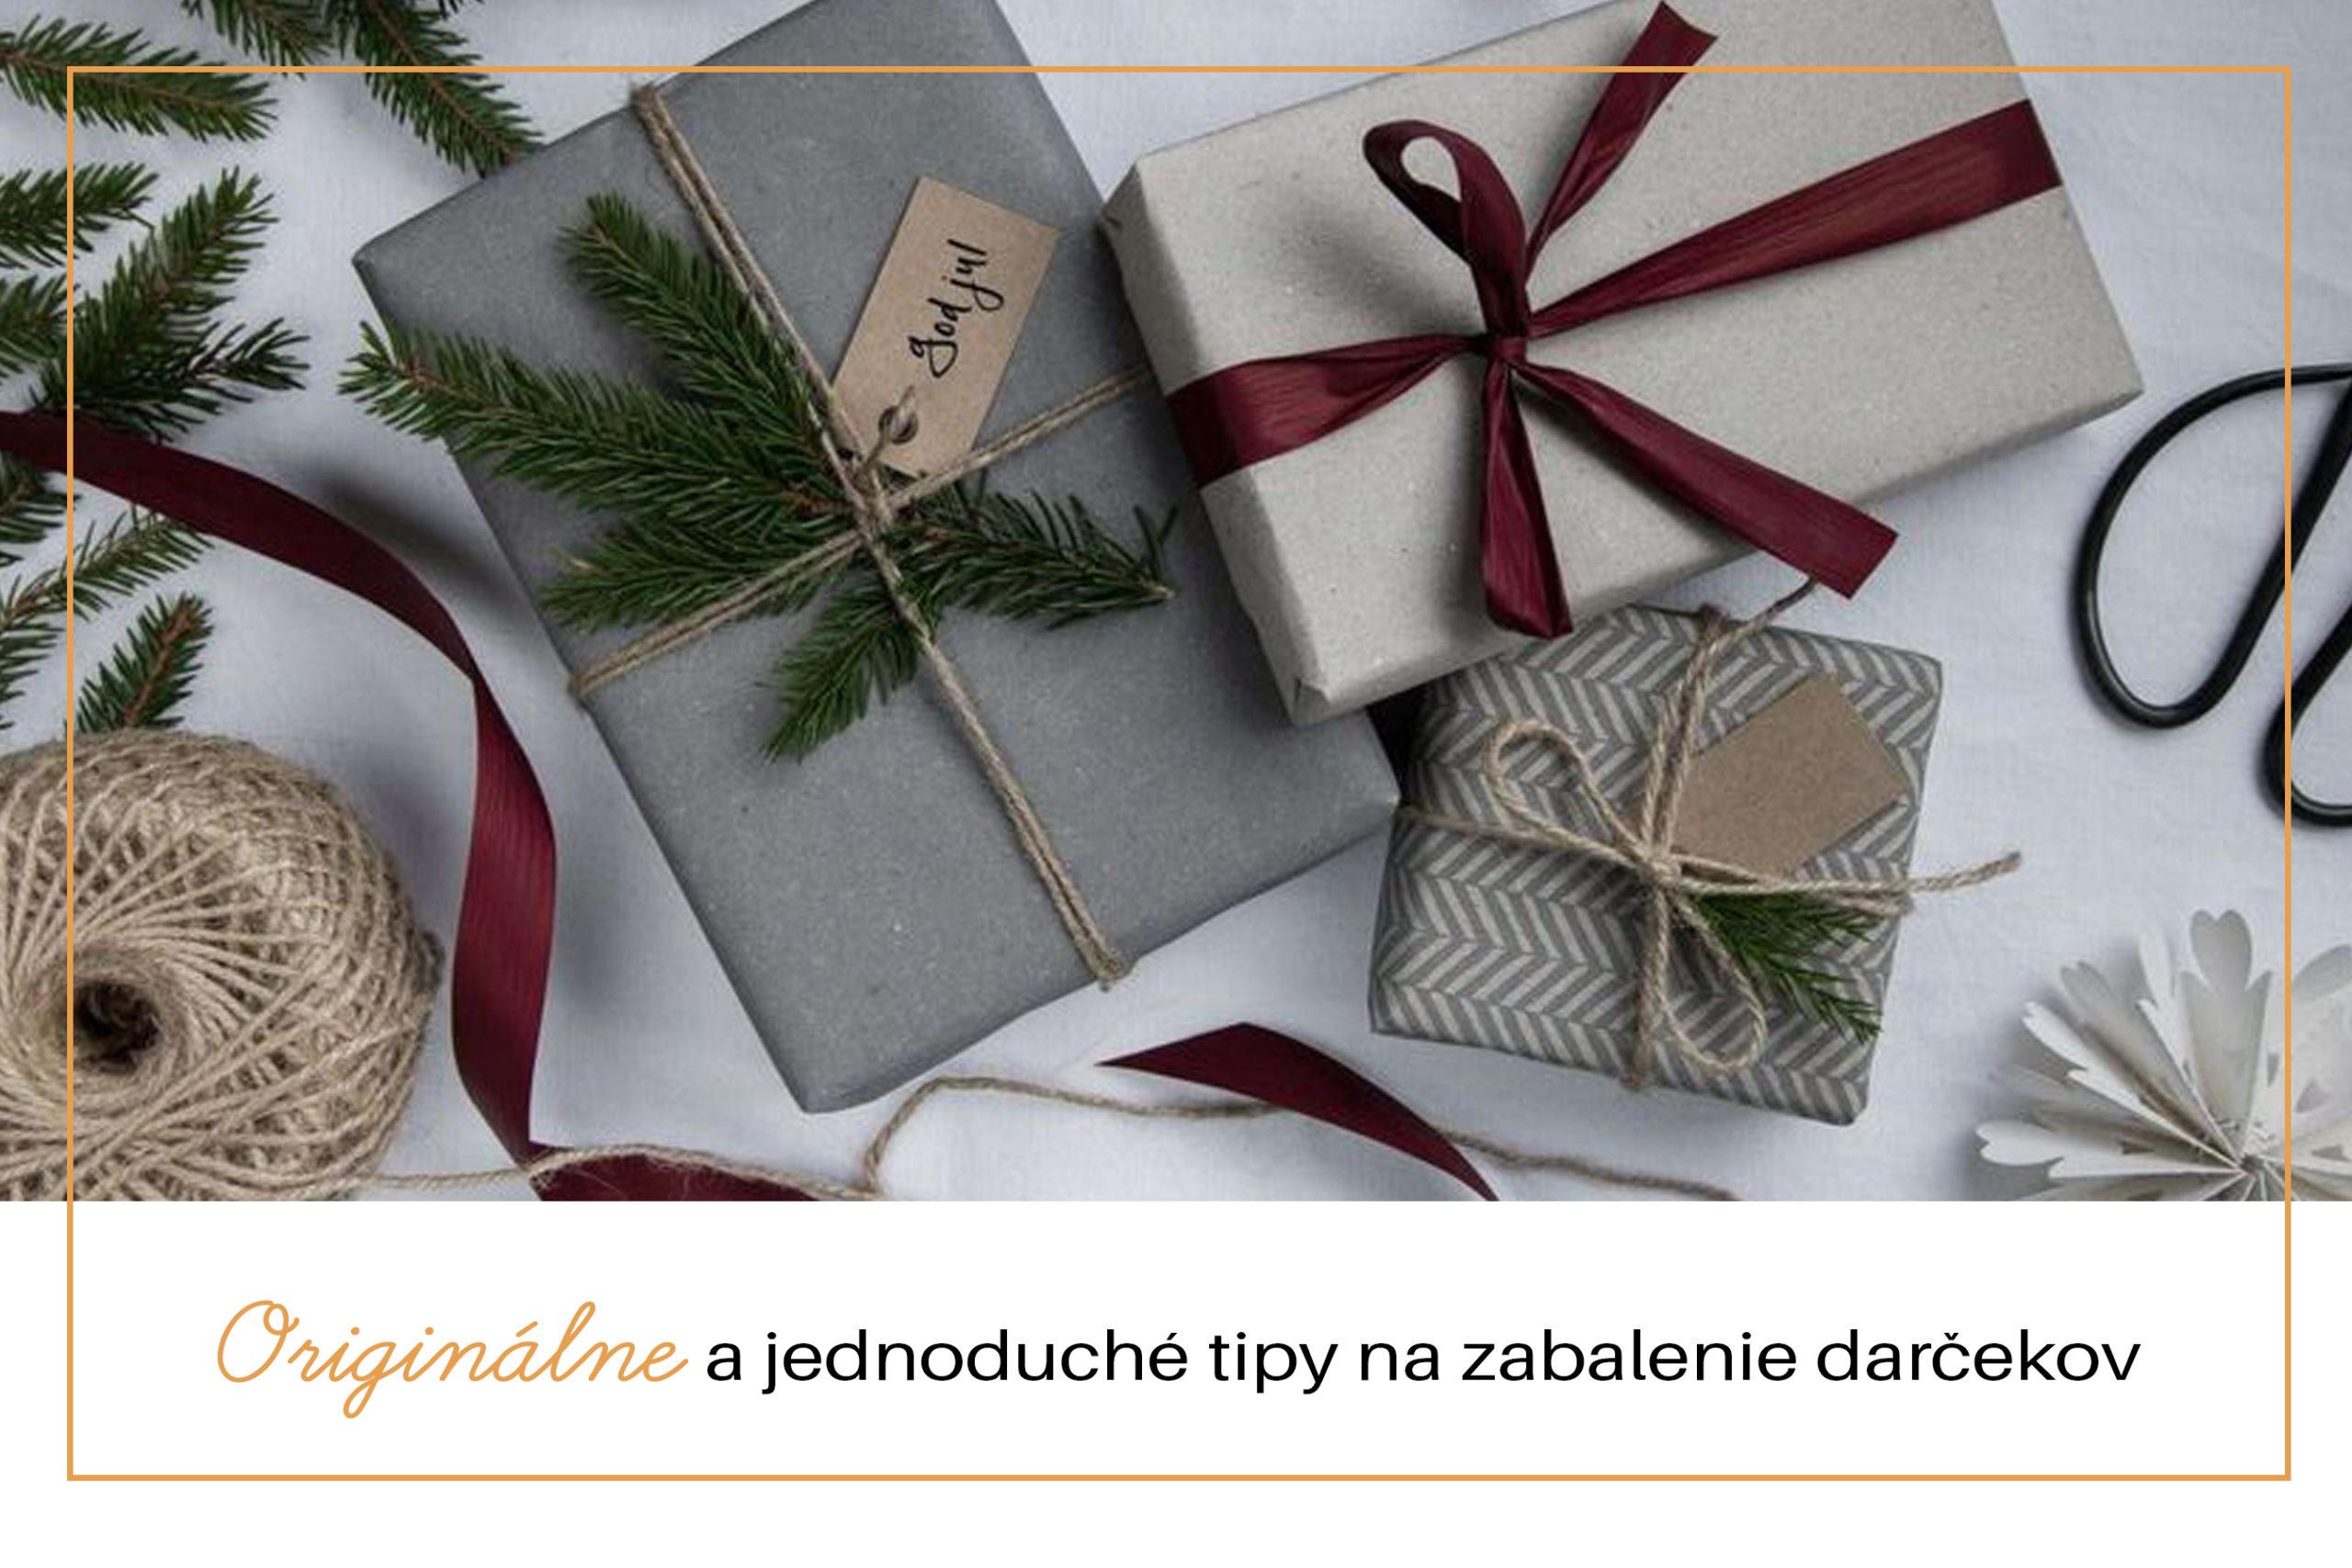 Originálne a jednoduché tipy na zabalenie darčekov